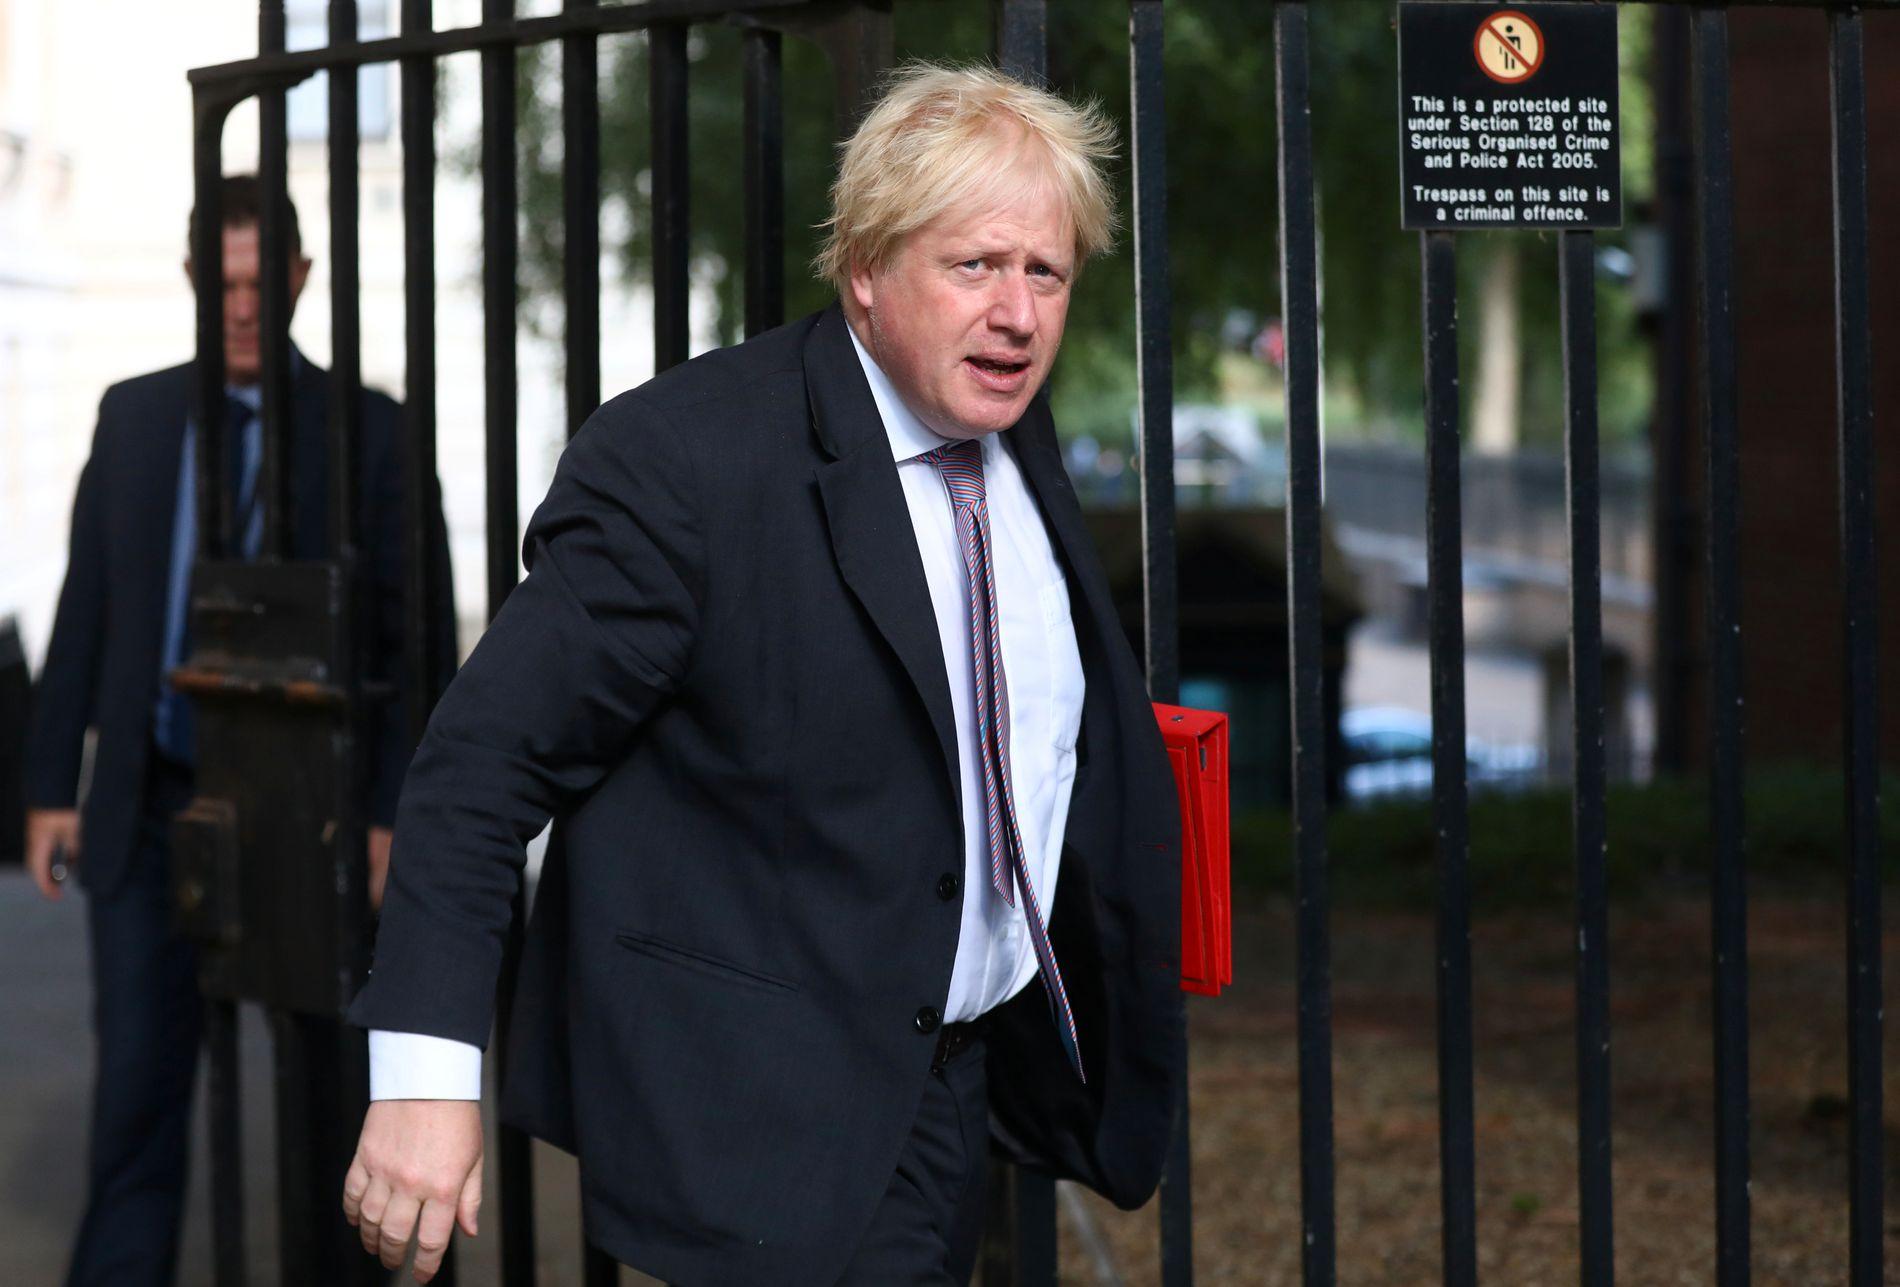 GÅR AV: Storbritannias utenriksminister Boris Johnson gikk av fra stillingen mandag. Her avbildet i forrige uke.